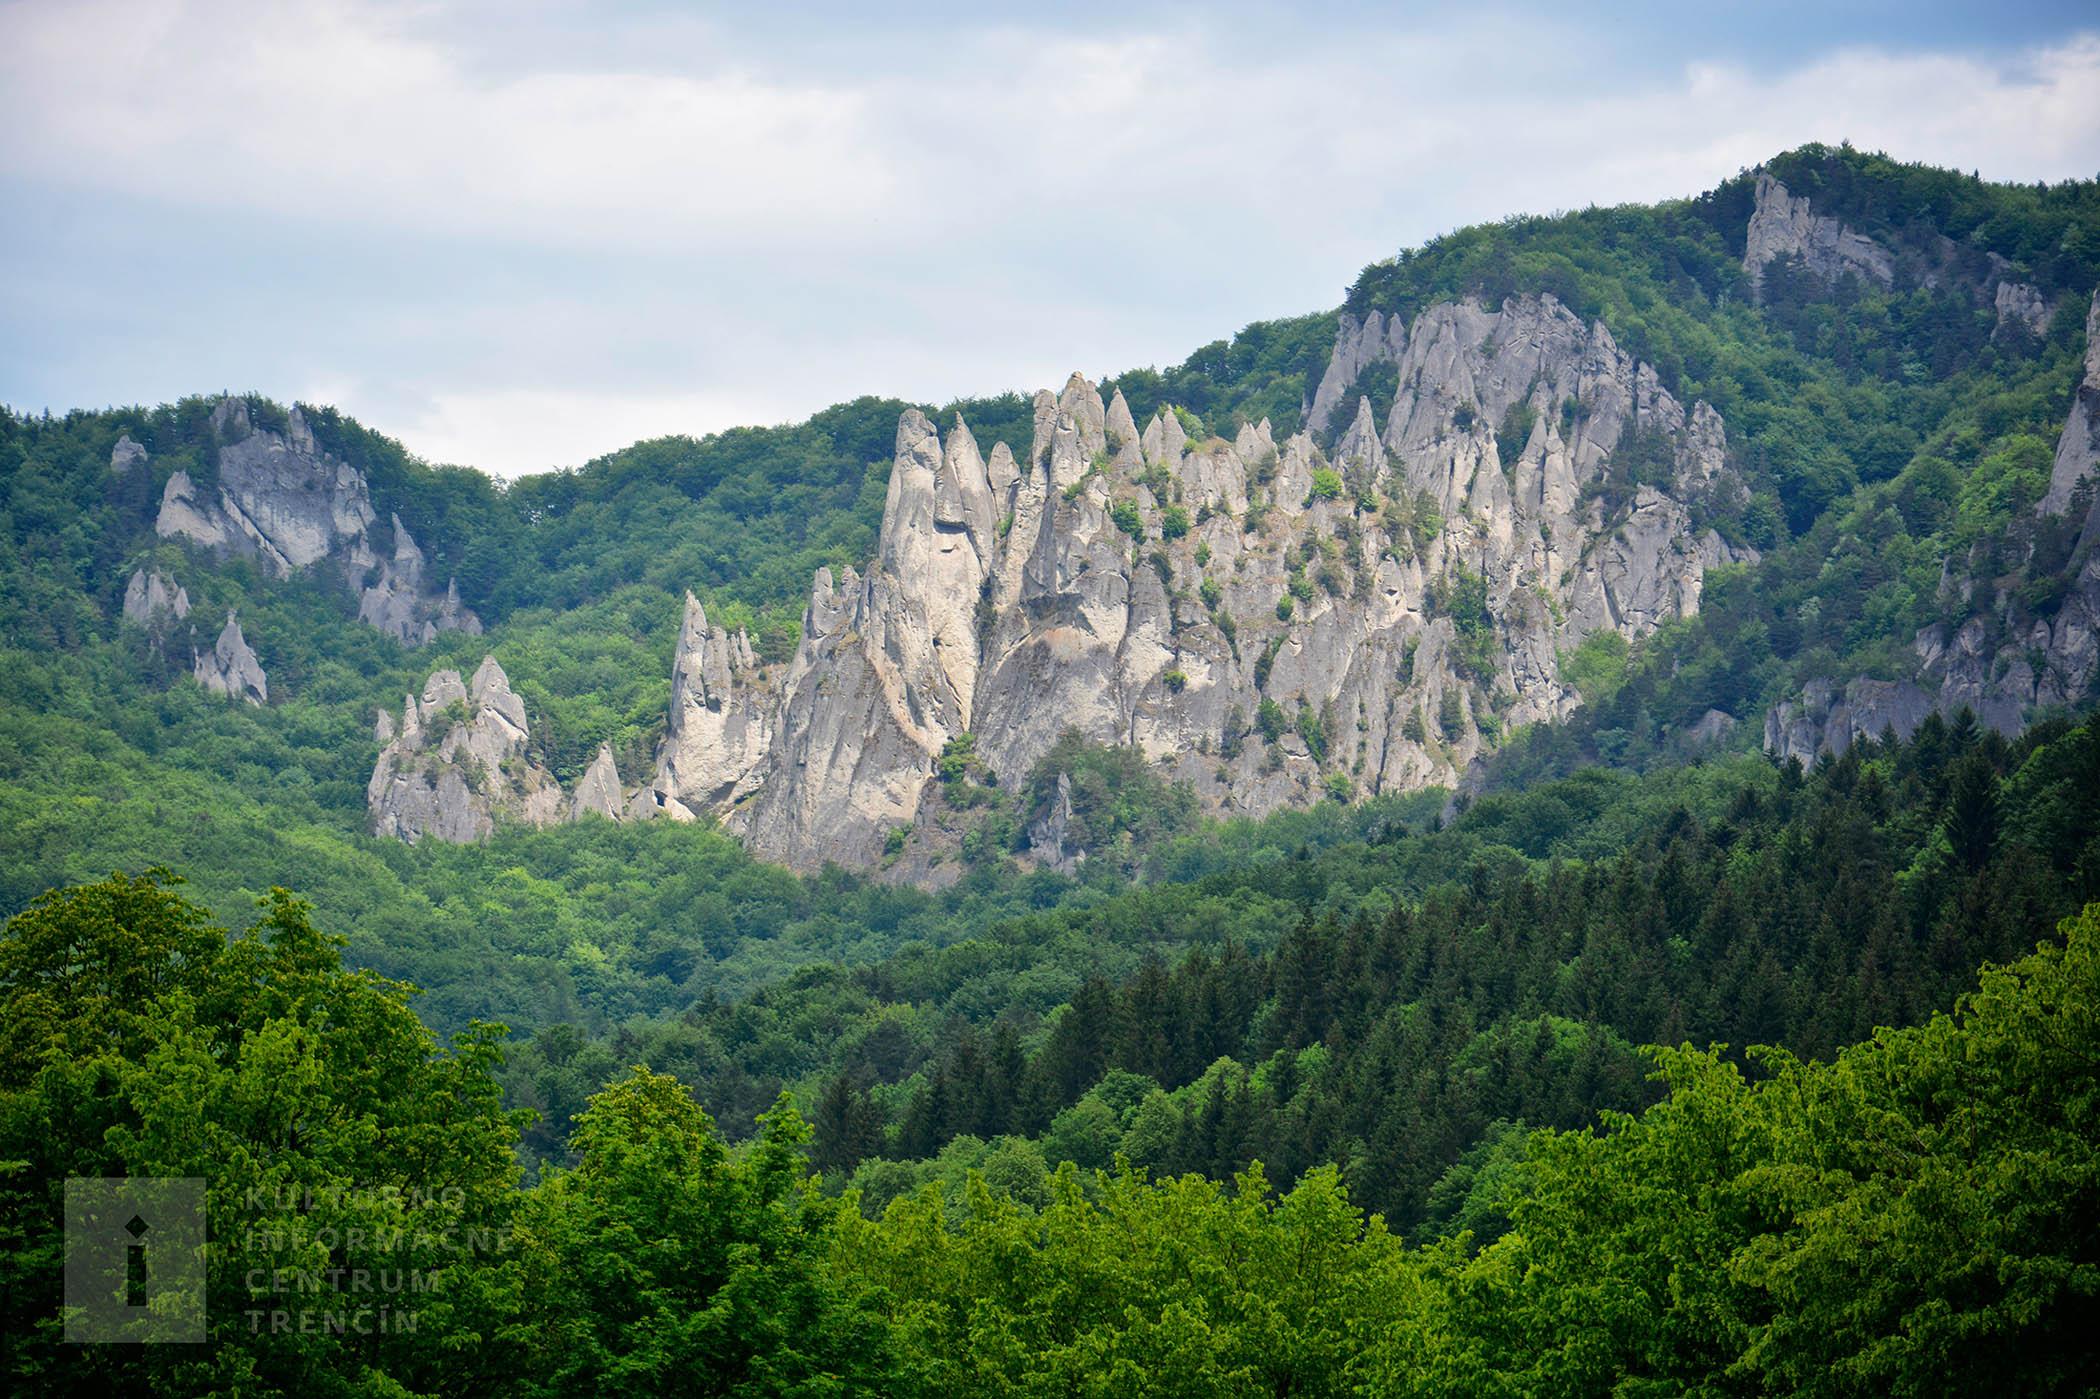 Súľovské skaly/Súľovské skaly Mountains